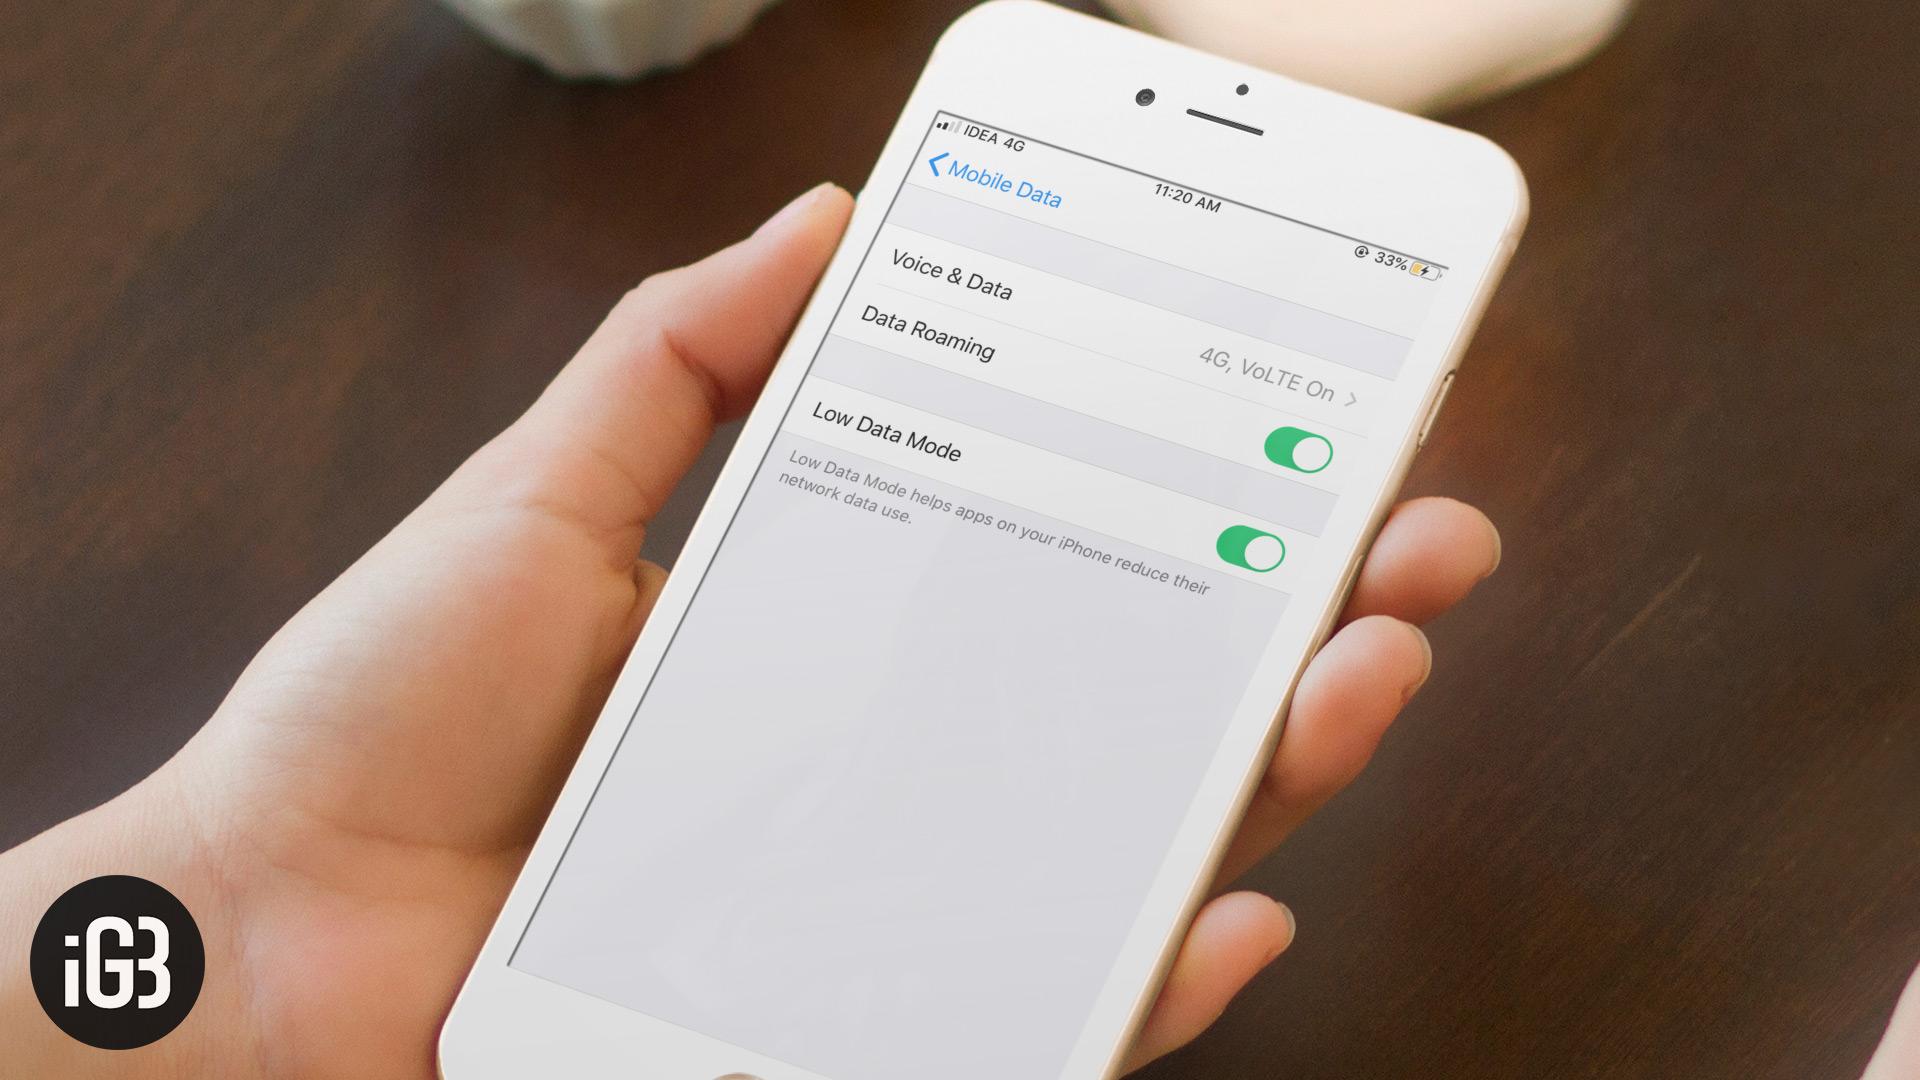 Как включить режим низкого уровня данных в iOS 13 на iPhone и iPad